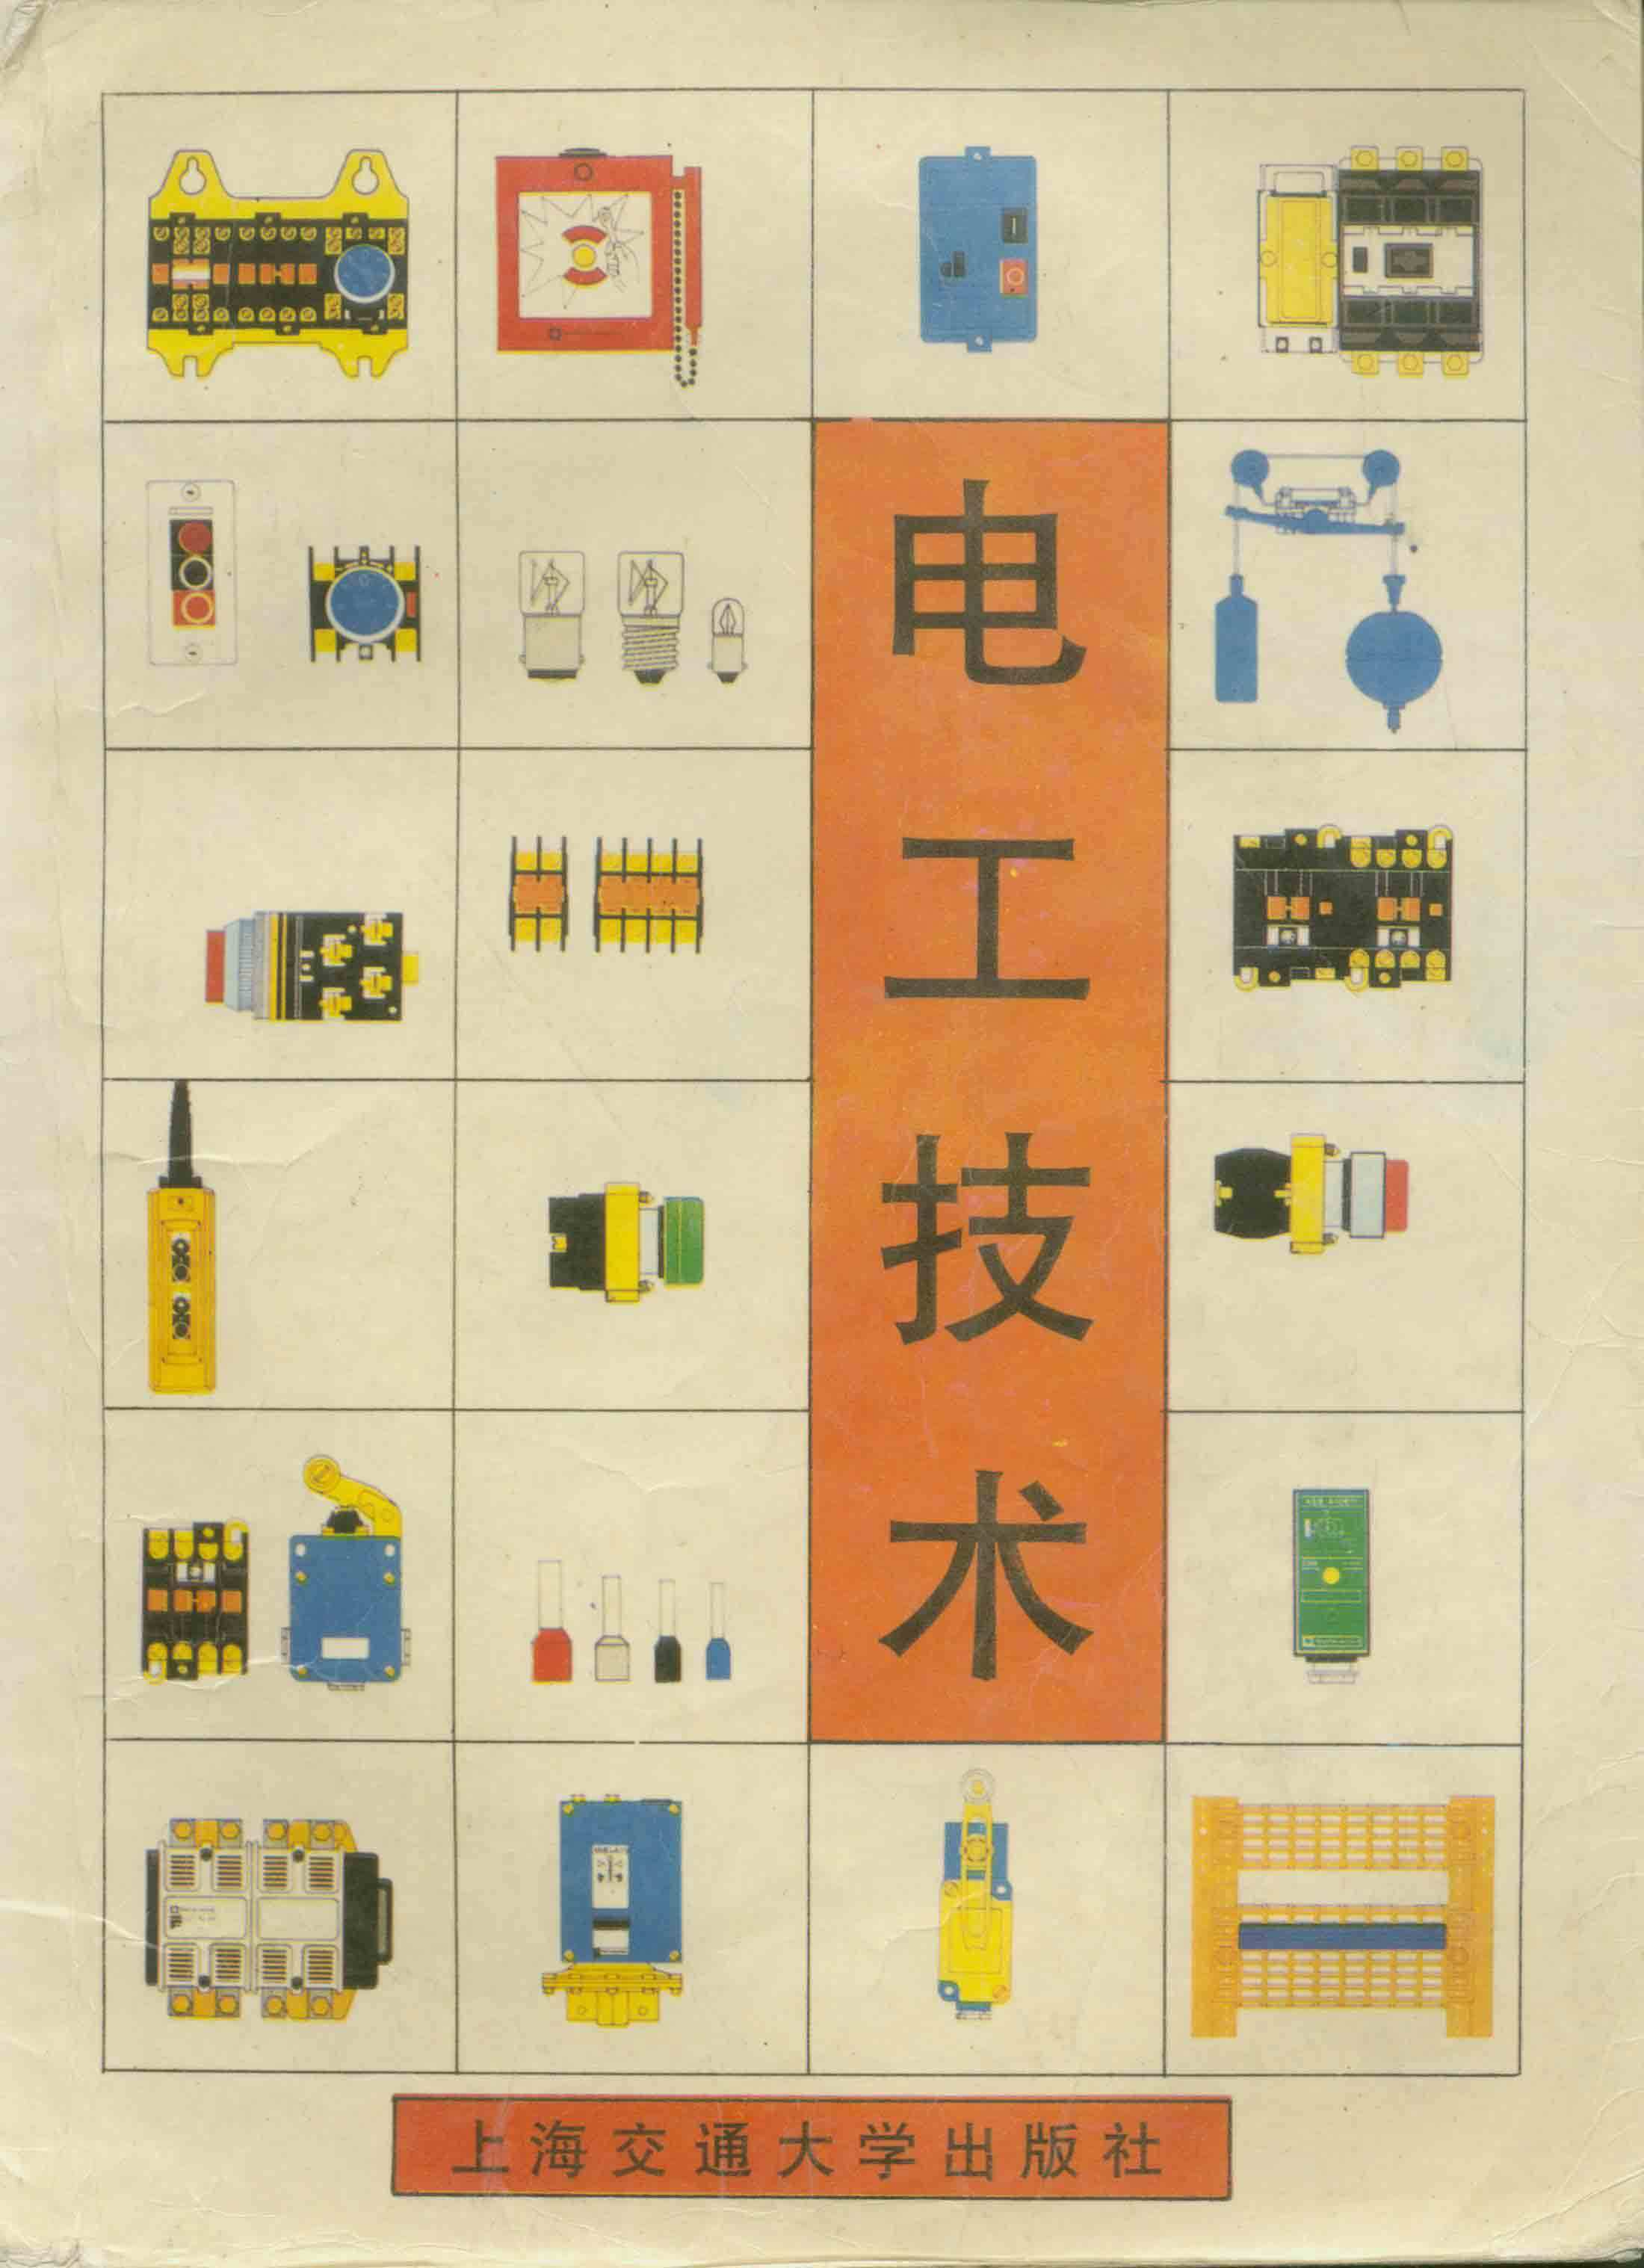 电工技术-2010年王兆义著书籍